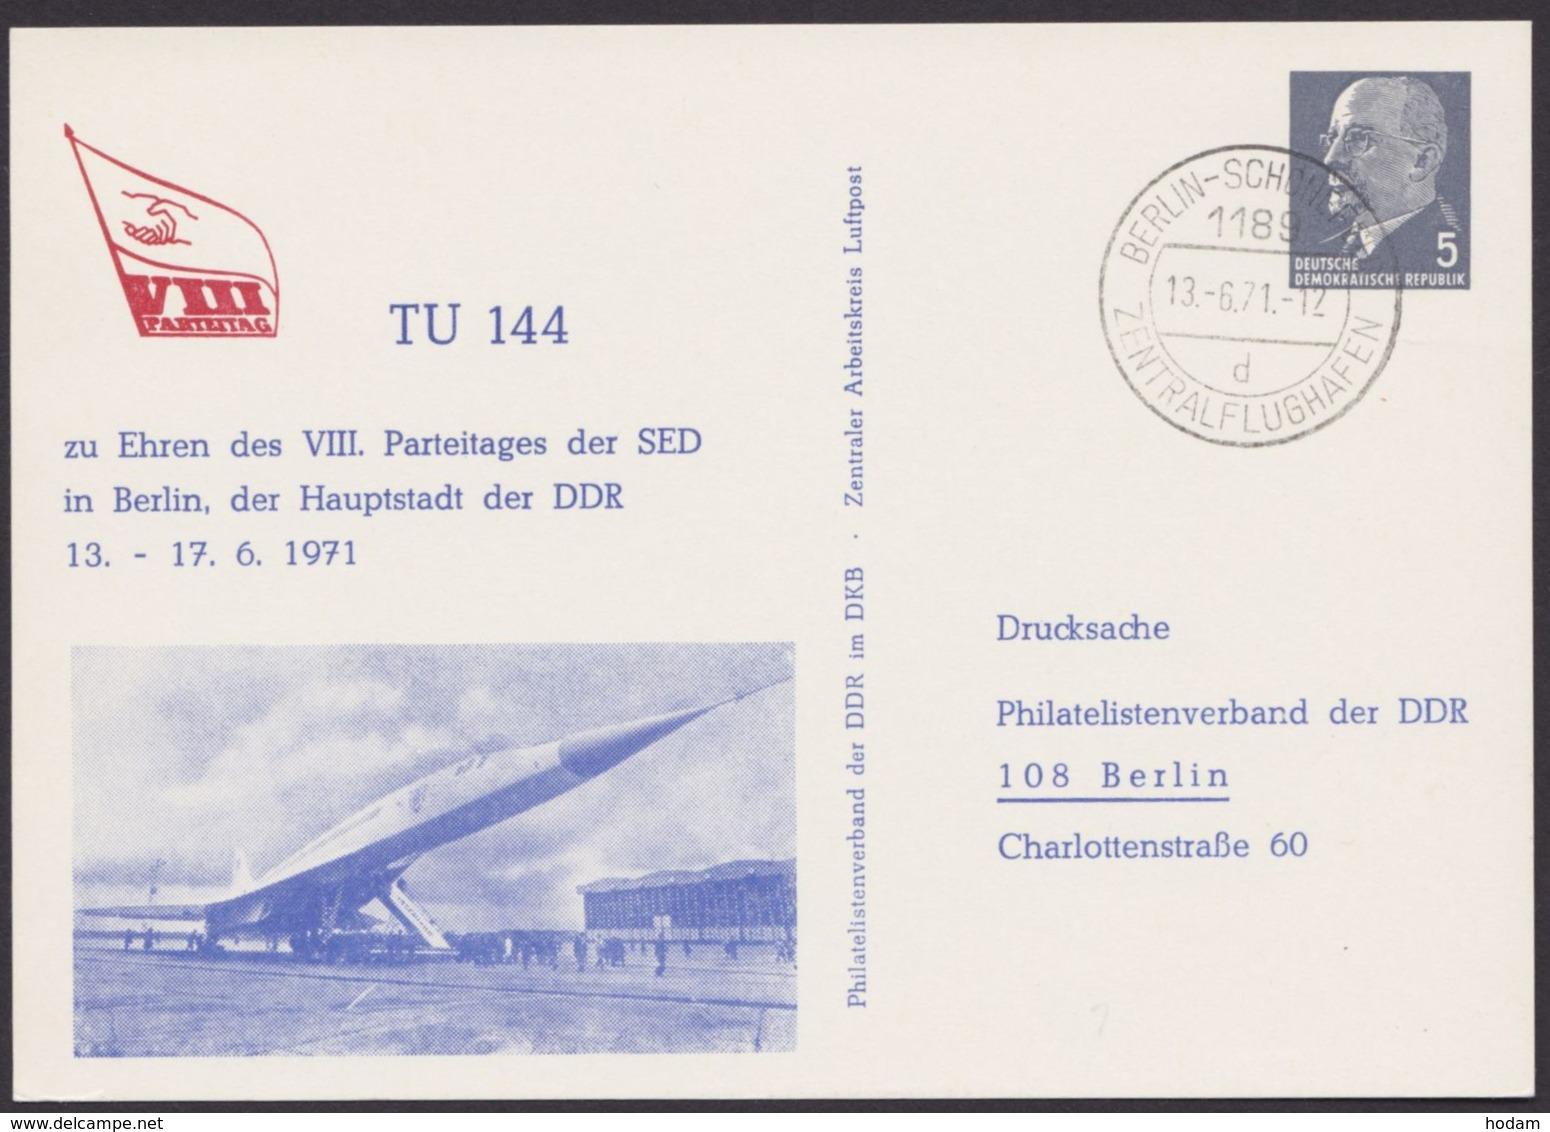 Mi-Nr. PP8 D2/01, Flugzeug TU 144, 1971 - Privatpostkarten - Gebraucht